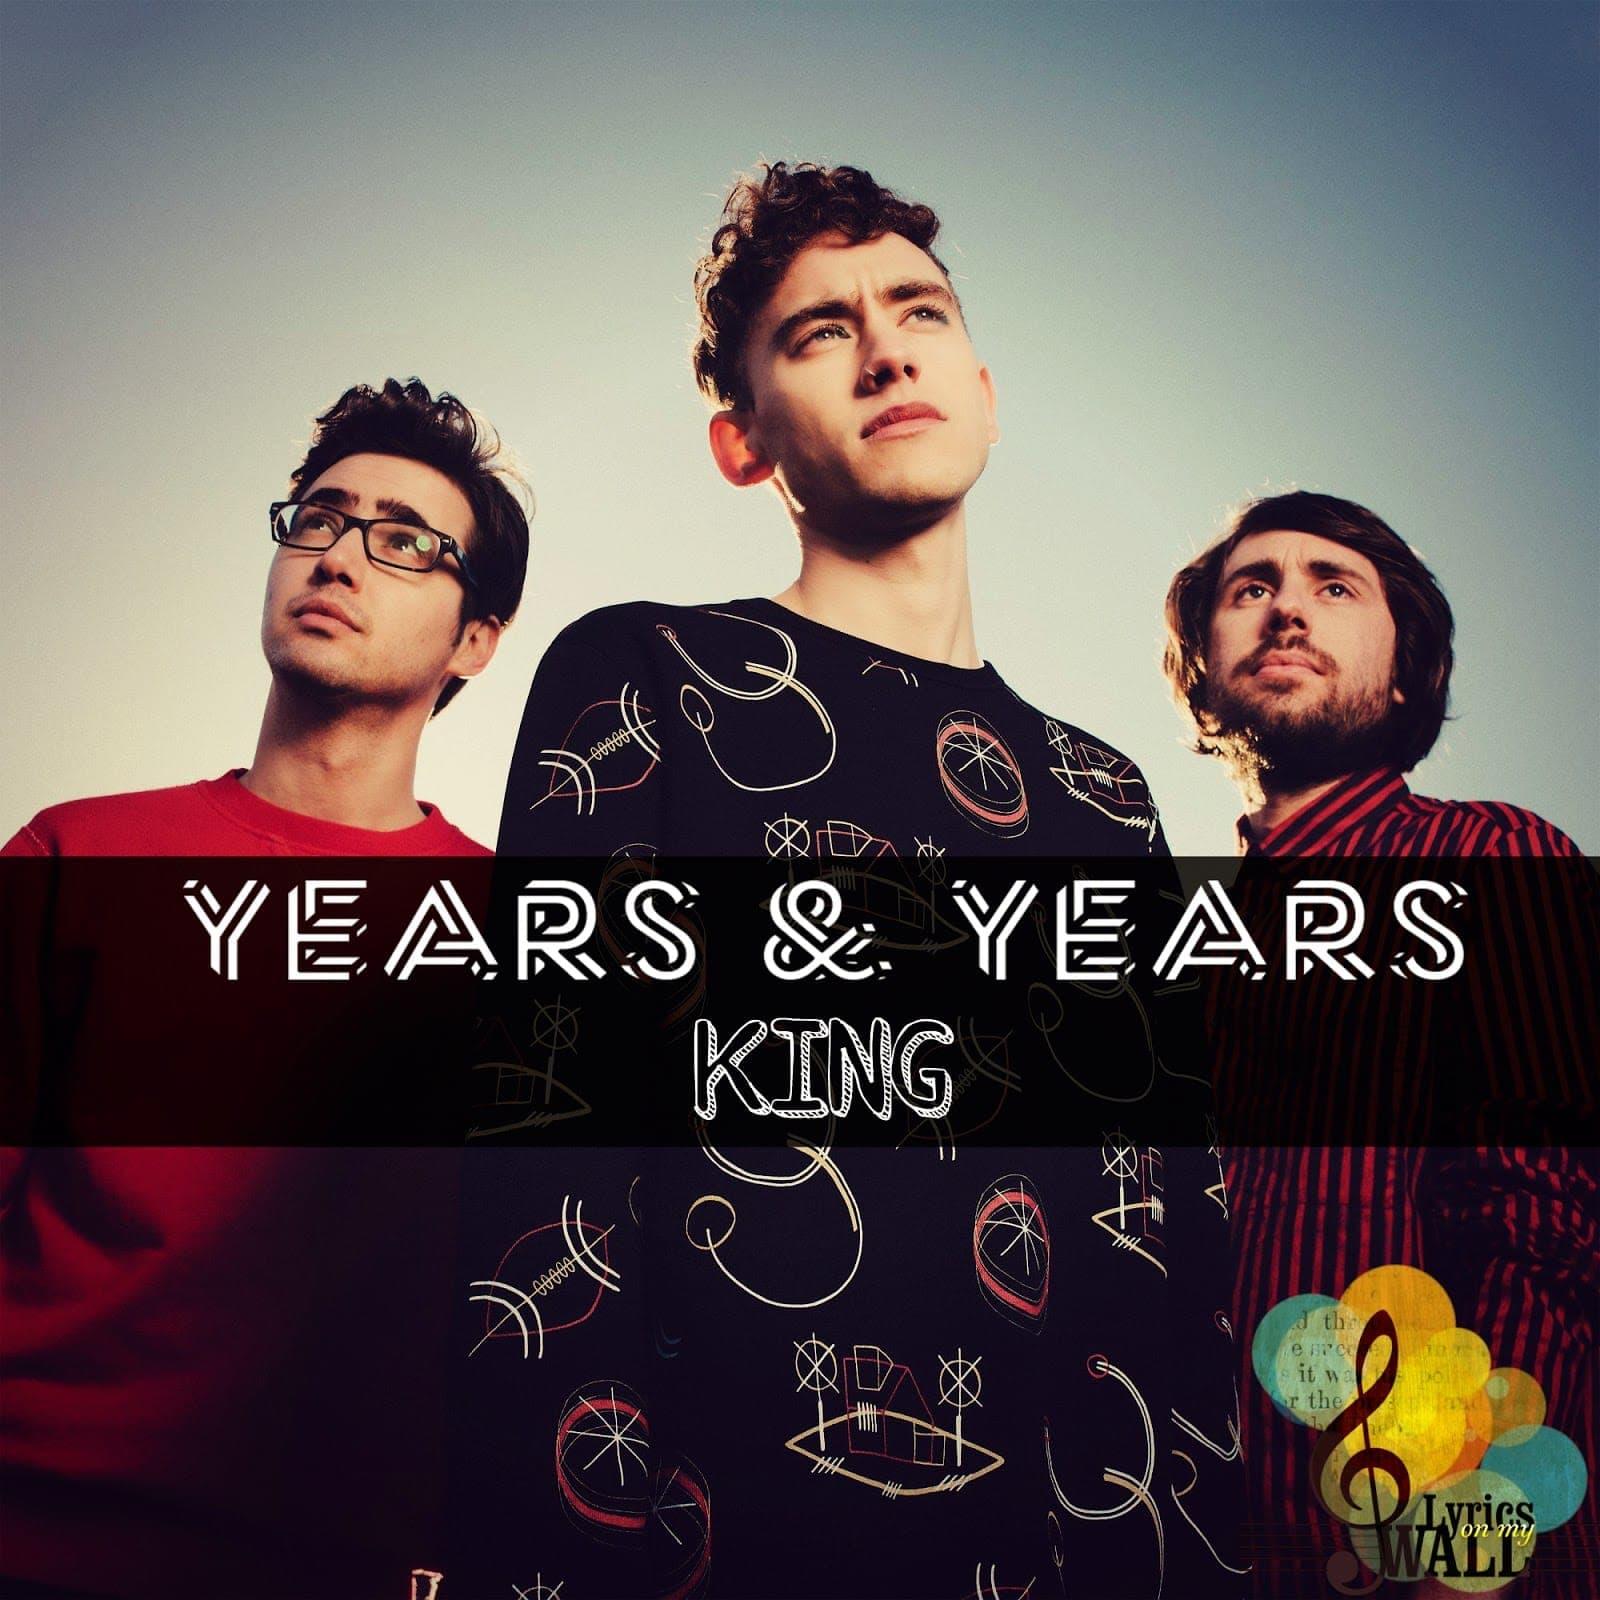 King - Years & Years